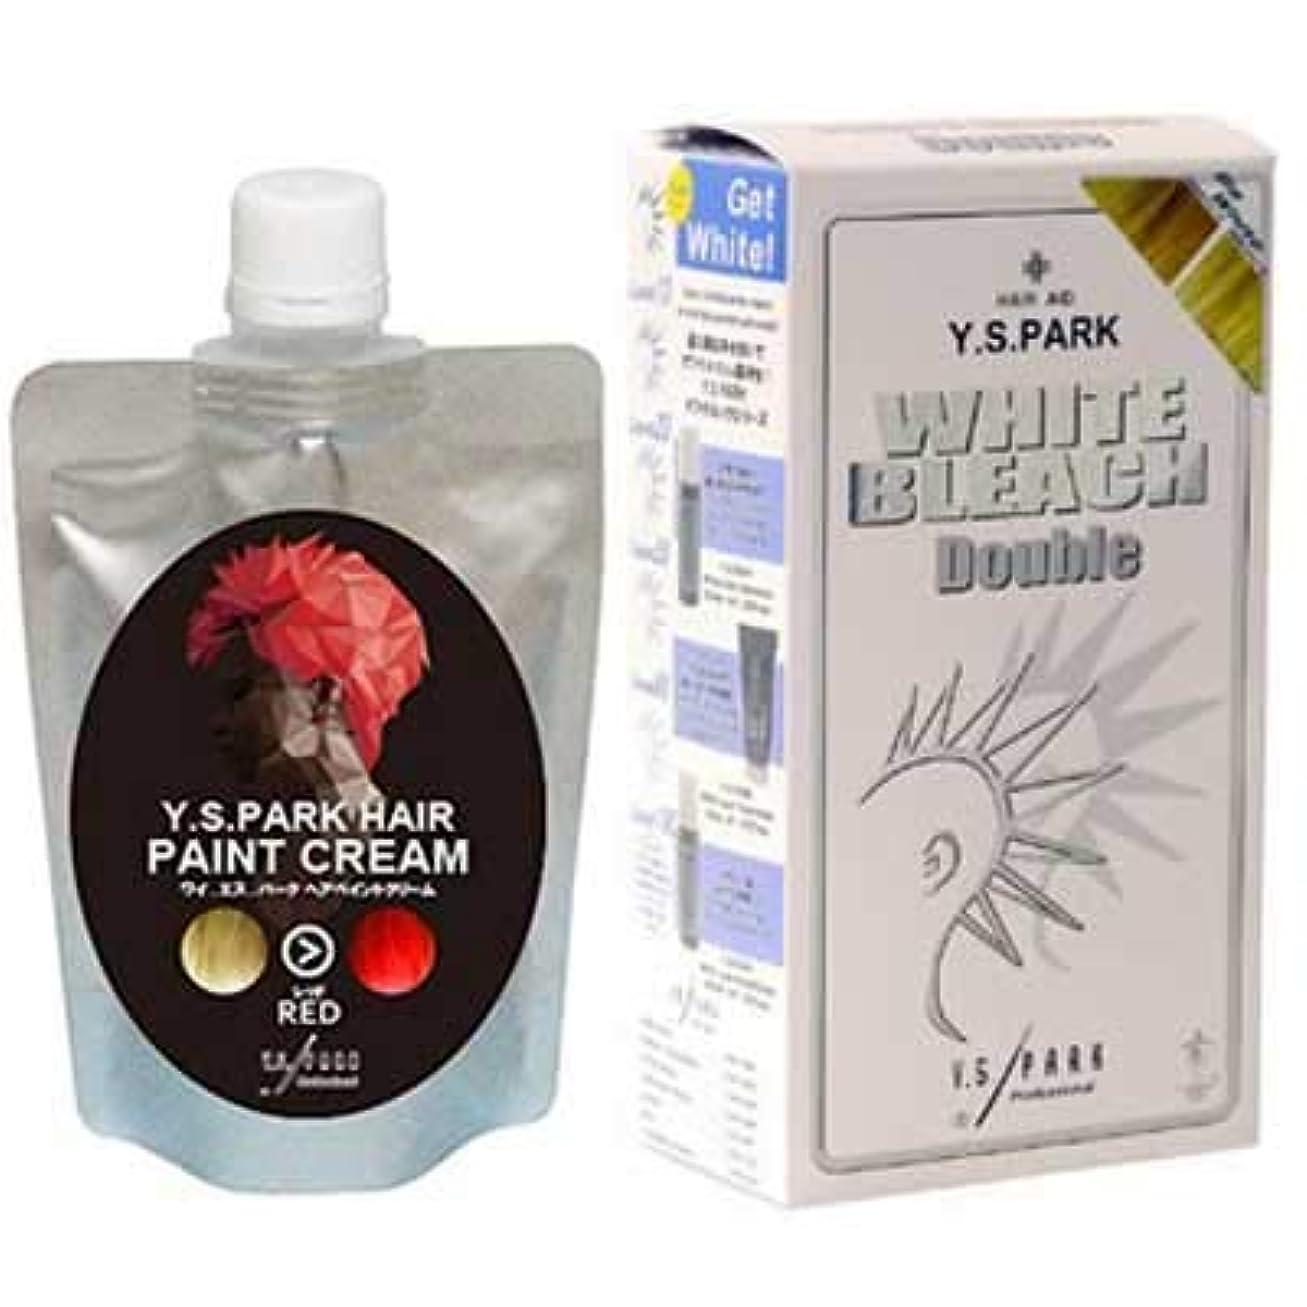 バタフライ神経衰弱高原Y.S.PARKヘアペイントクリーム レッド 200g & Y.S.パーク ホワイトブリーチ ダブルセット